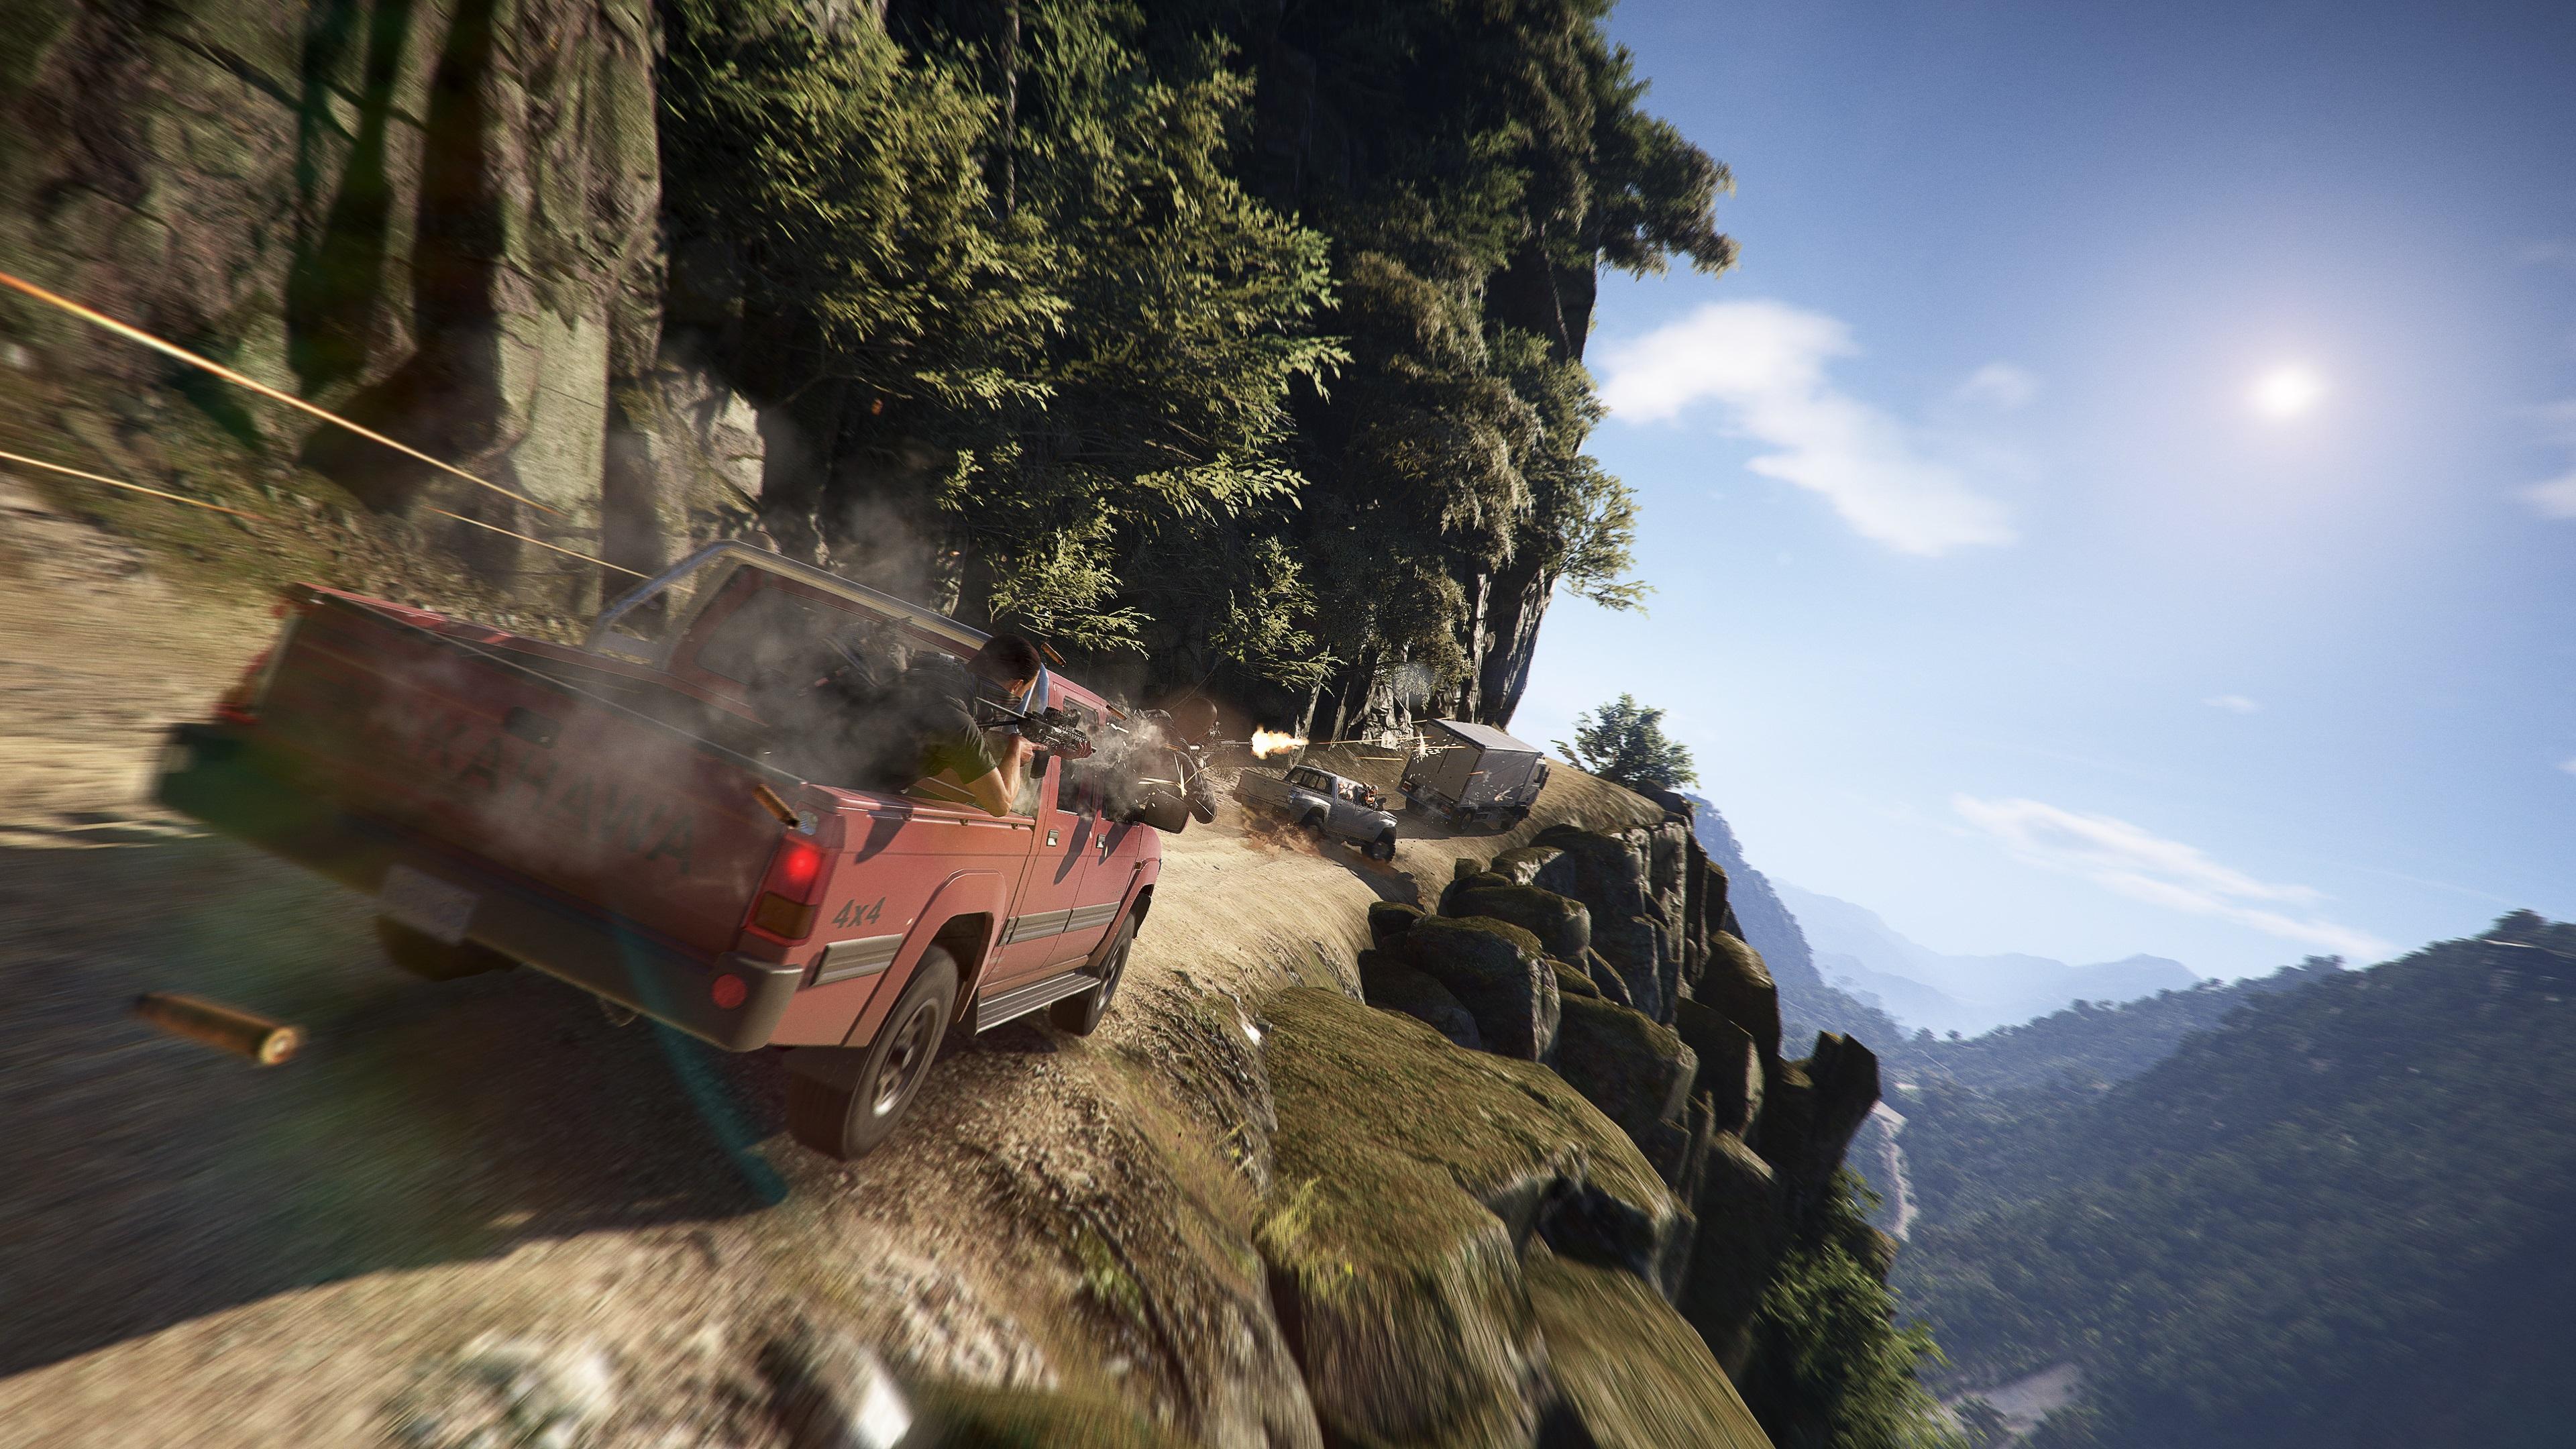 Dette bildet beskriver godt hvordan spilltilværelsen har vært i Bolivia.